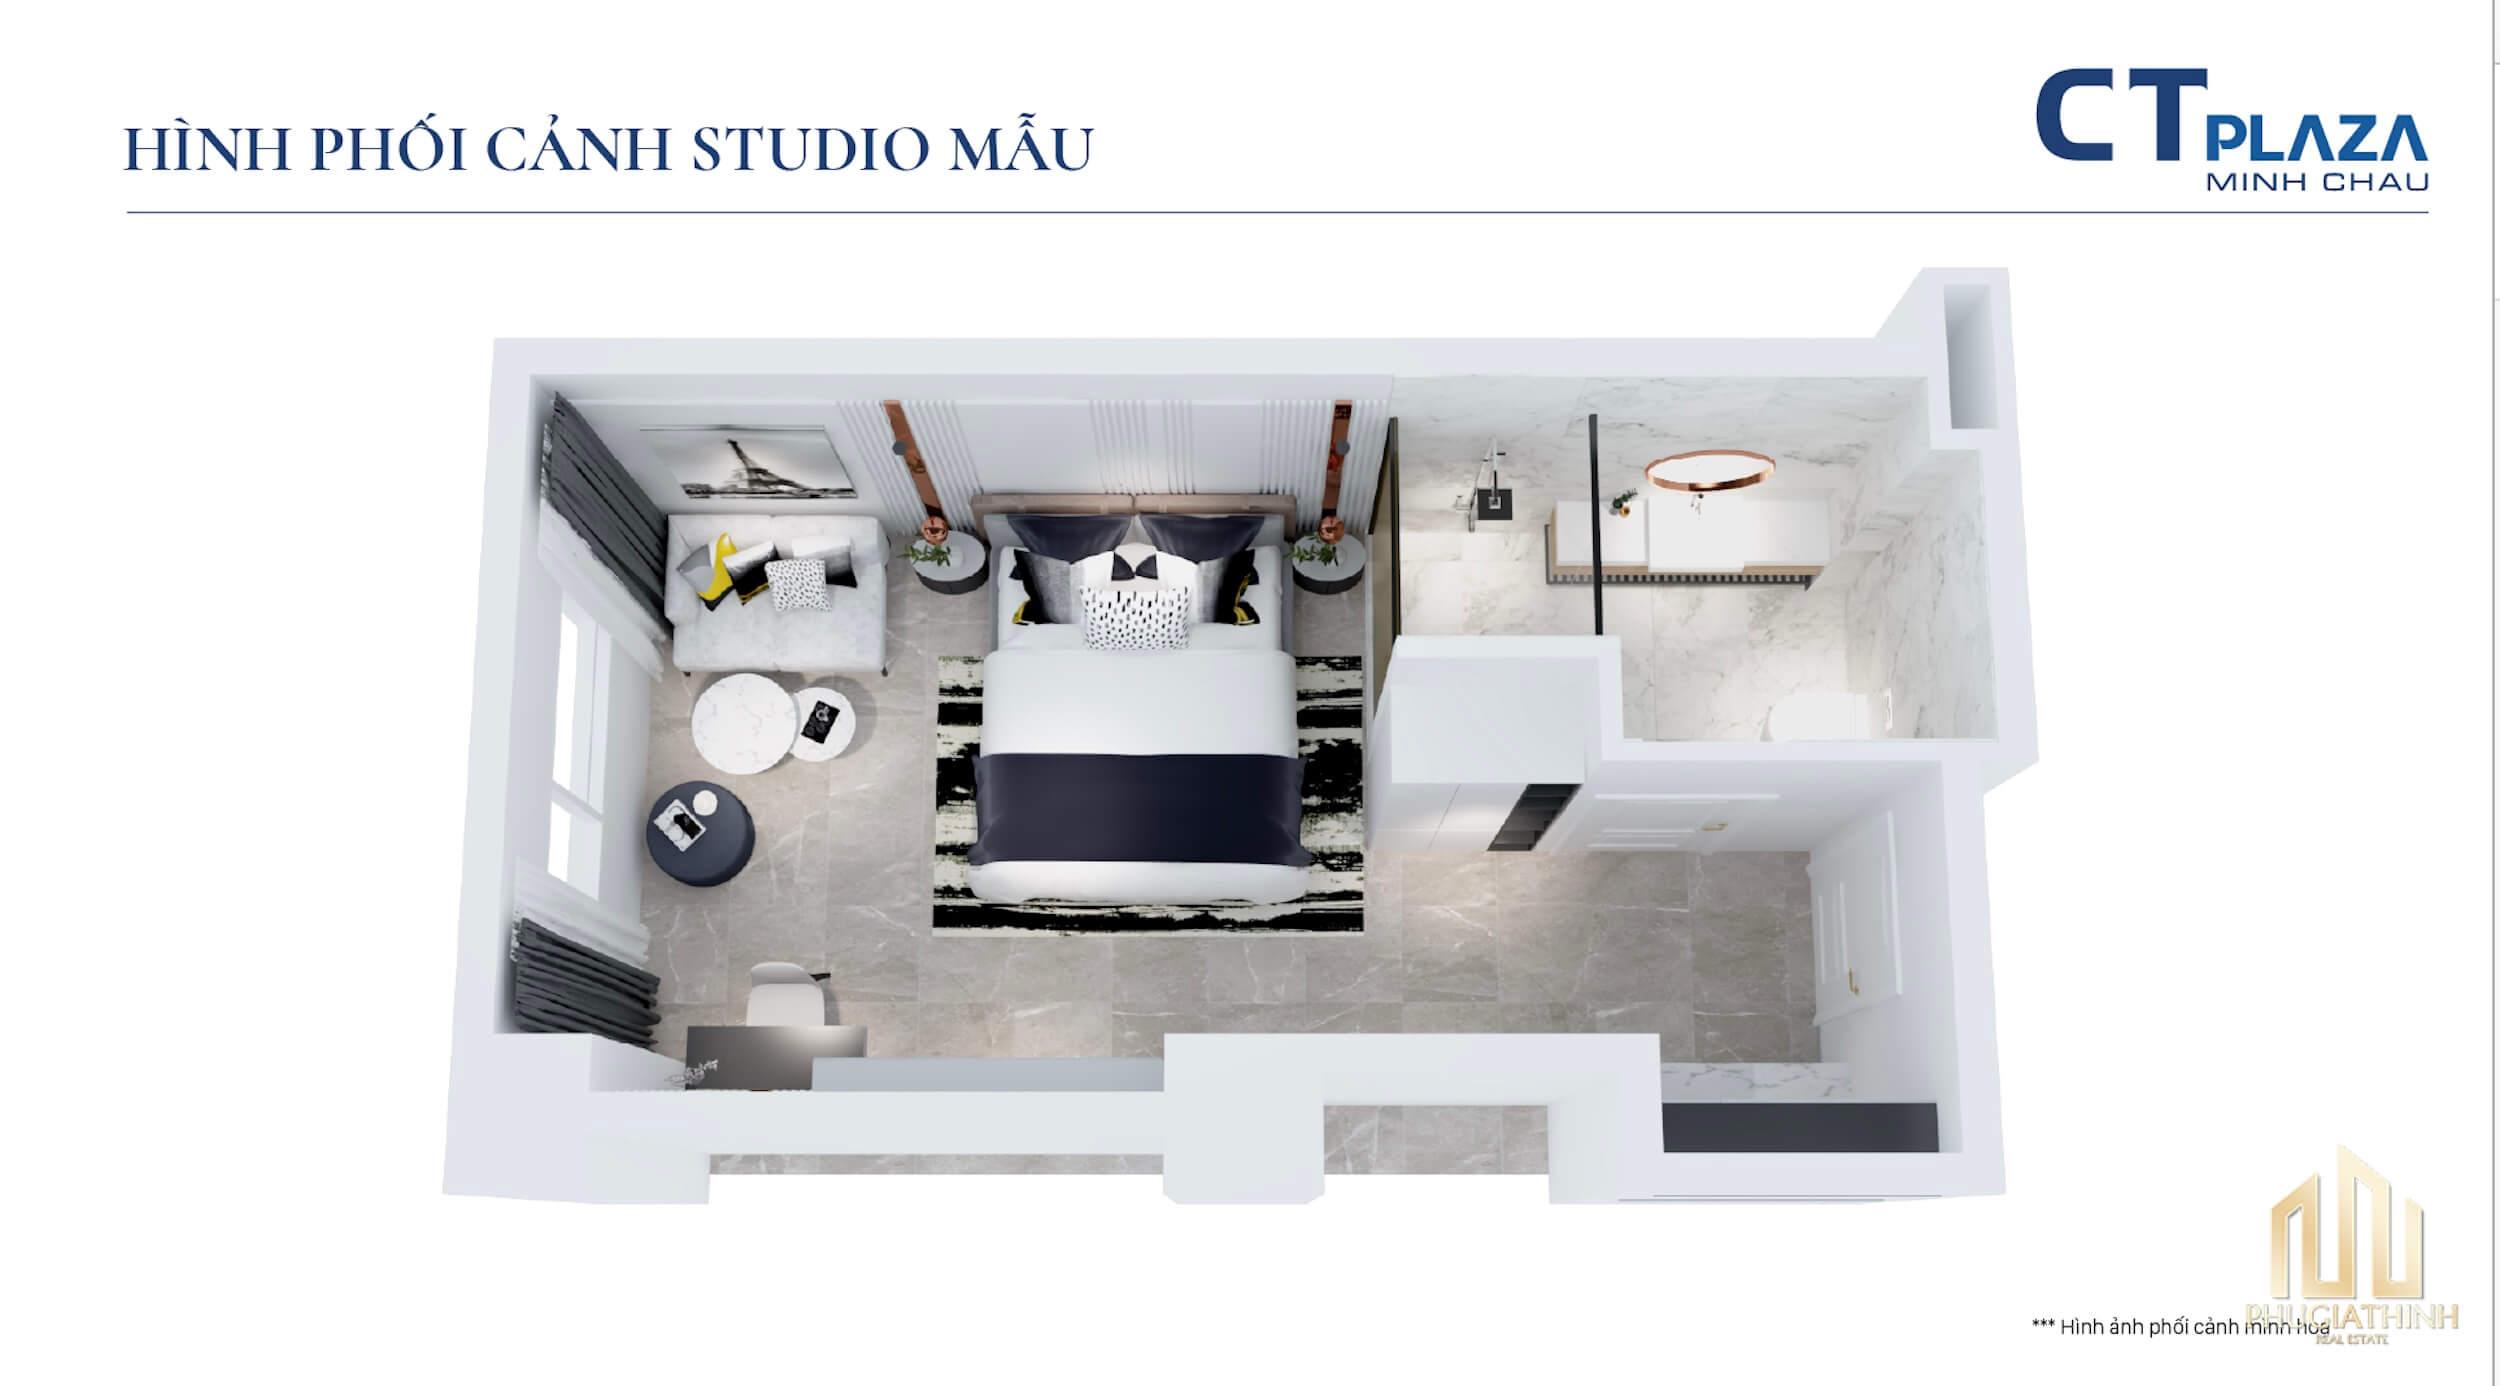 thiết kế dự án ct plaza minh châu quận 3